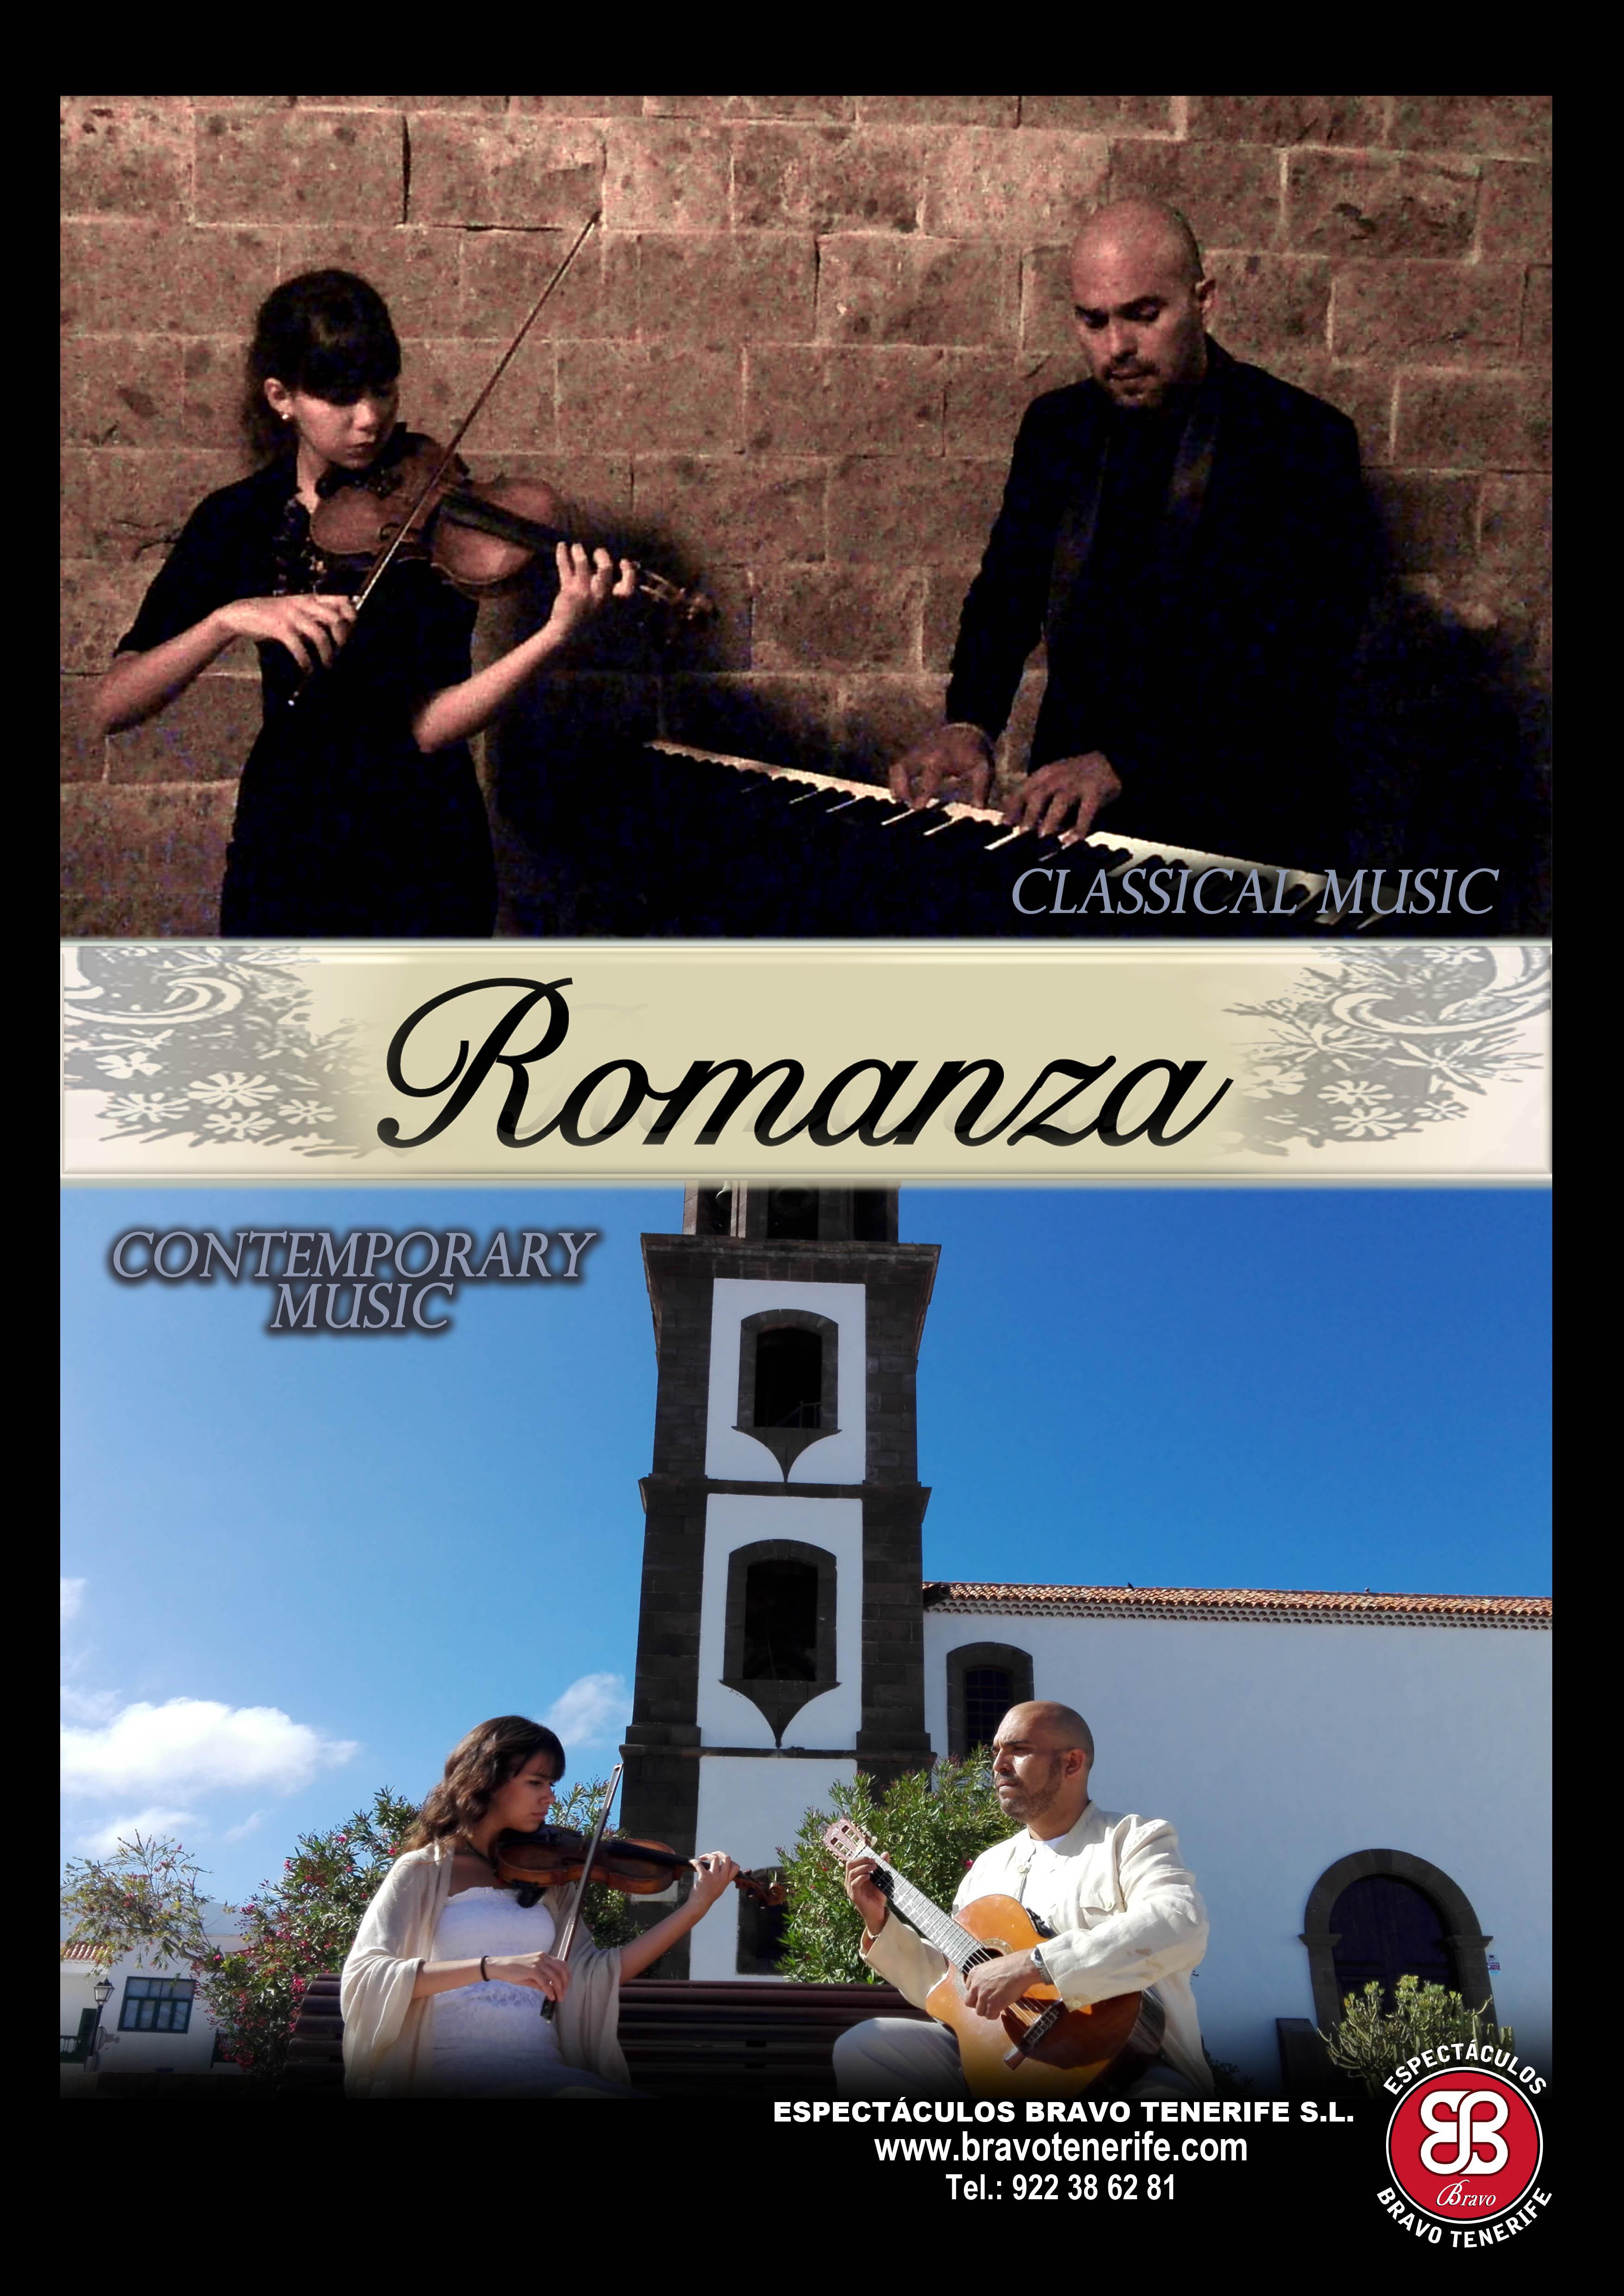 Romanza duo Bravo